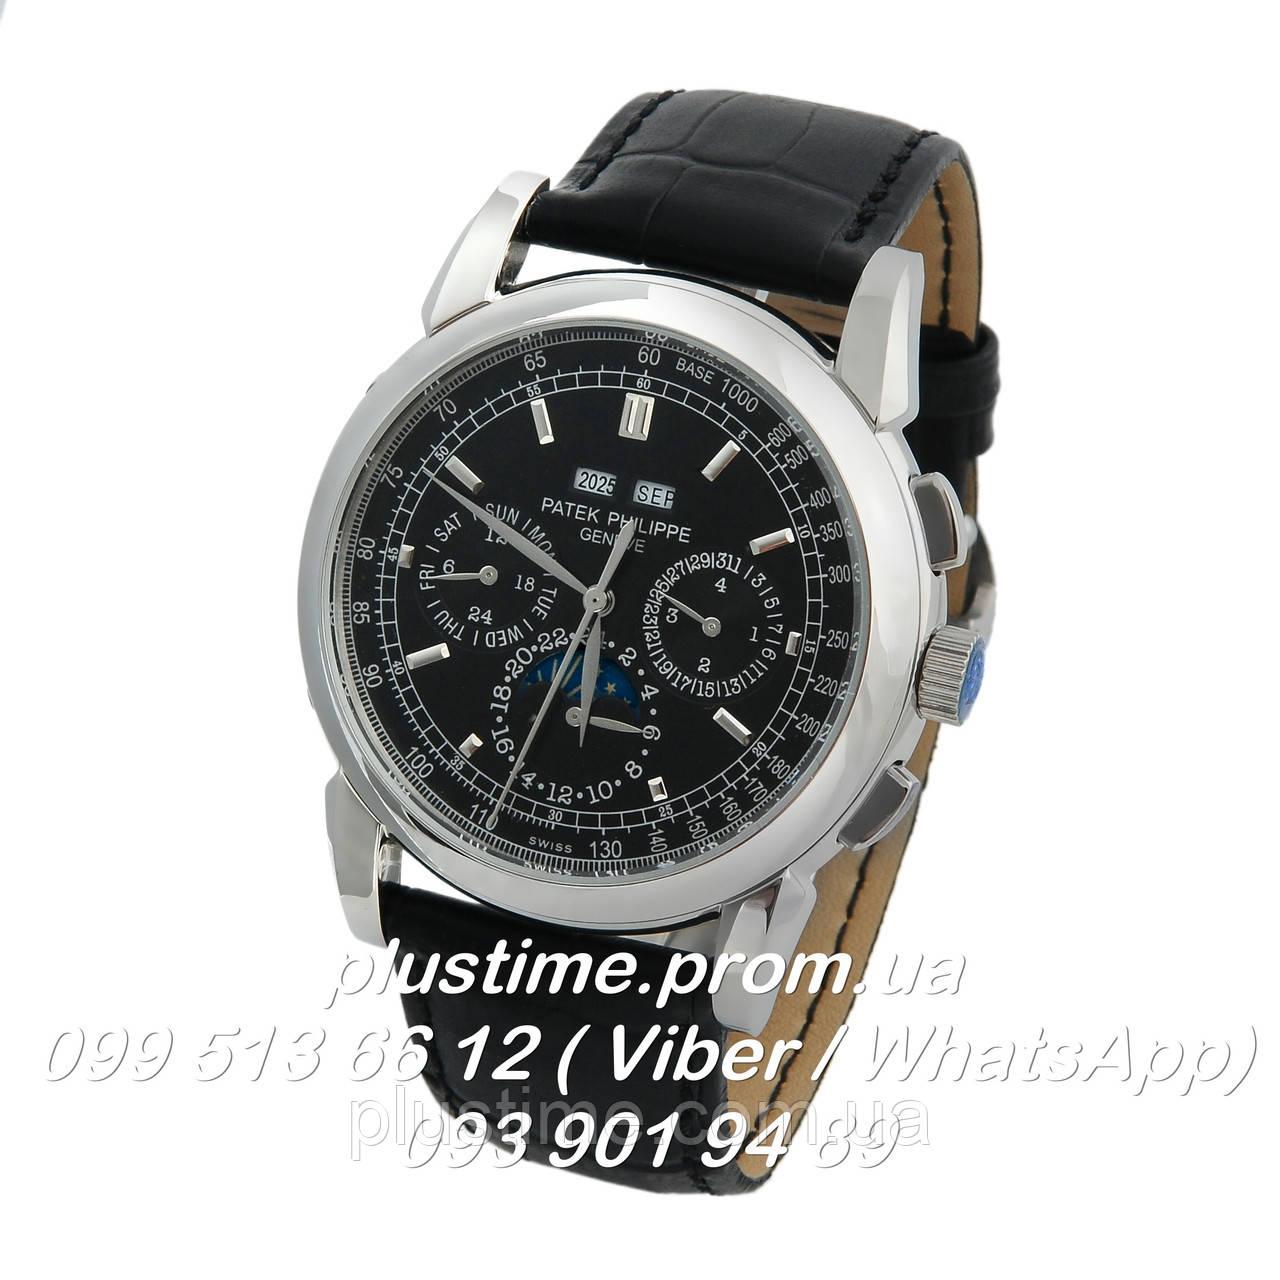 Часы patek philippe женева цена